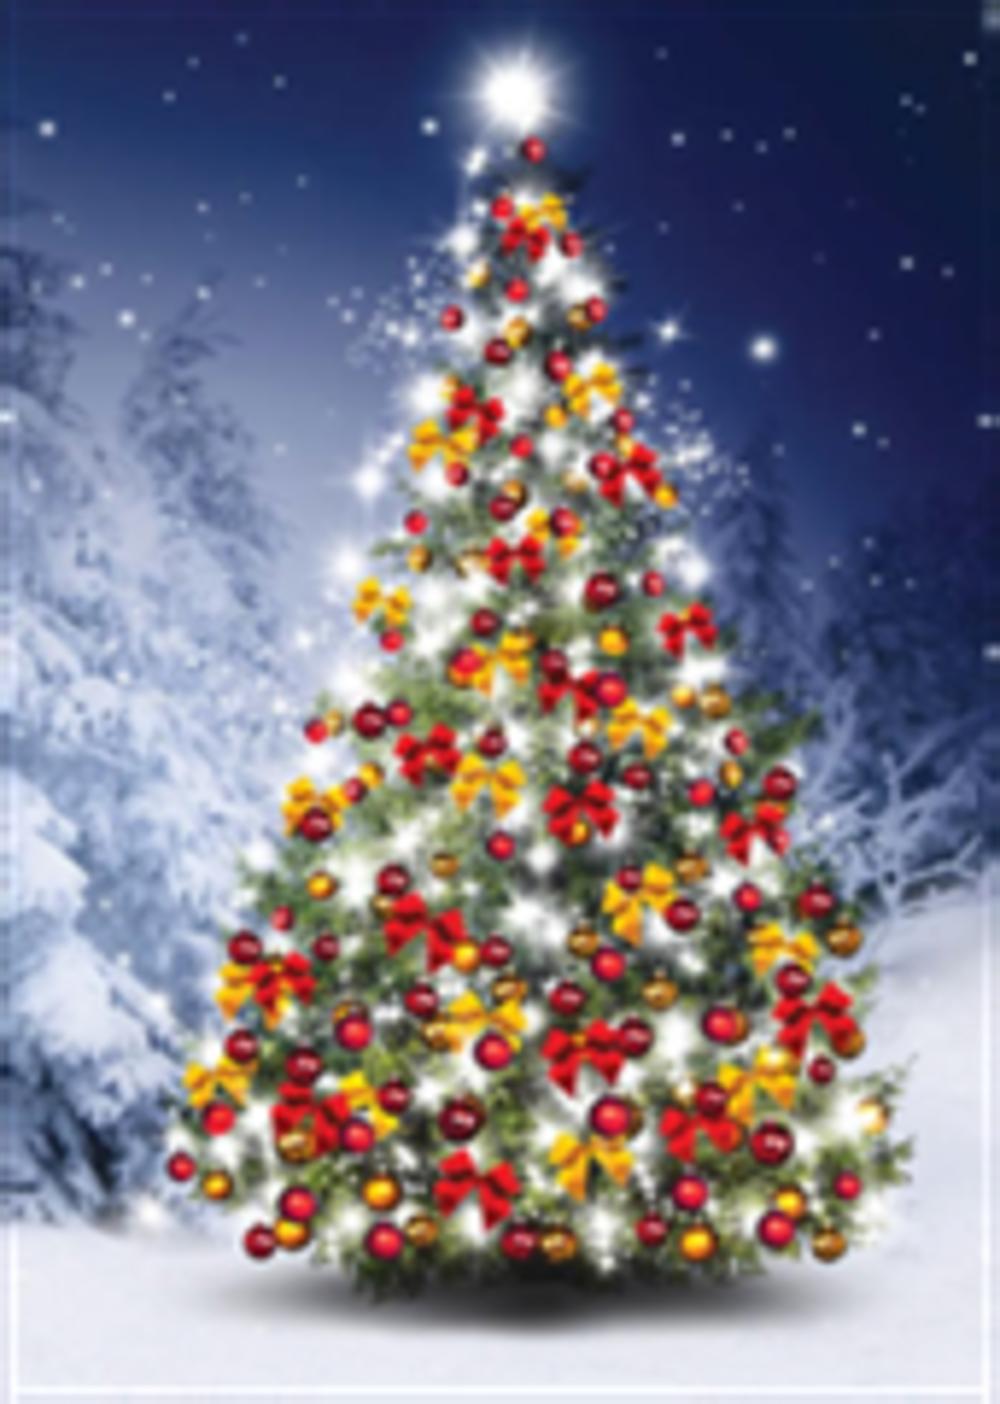 Samedi 15 décembre - Arbre de Noël 0